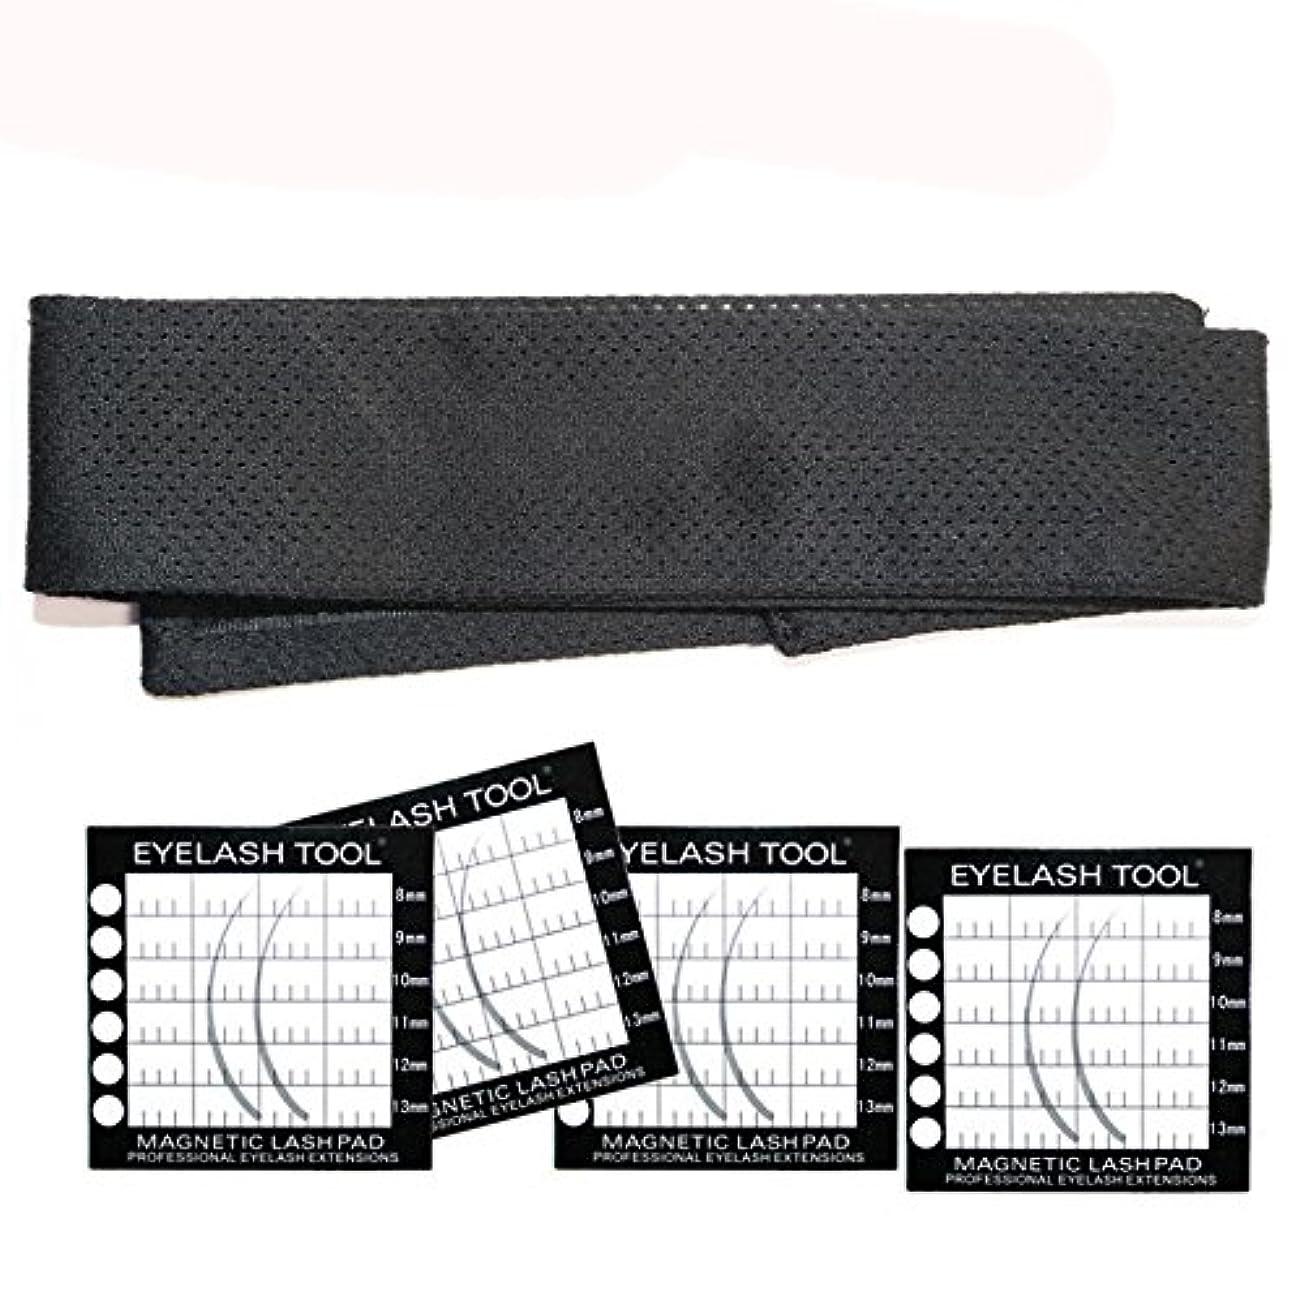 軽静かに釈義接木まつげエクステンション用まつげルートセパレータ磁気ヘッドバンドパッド